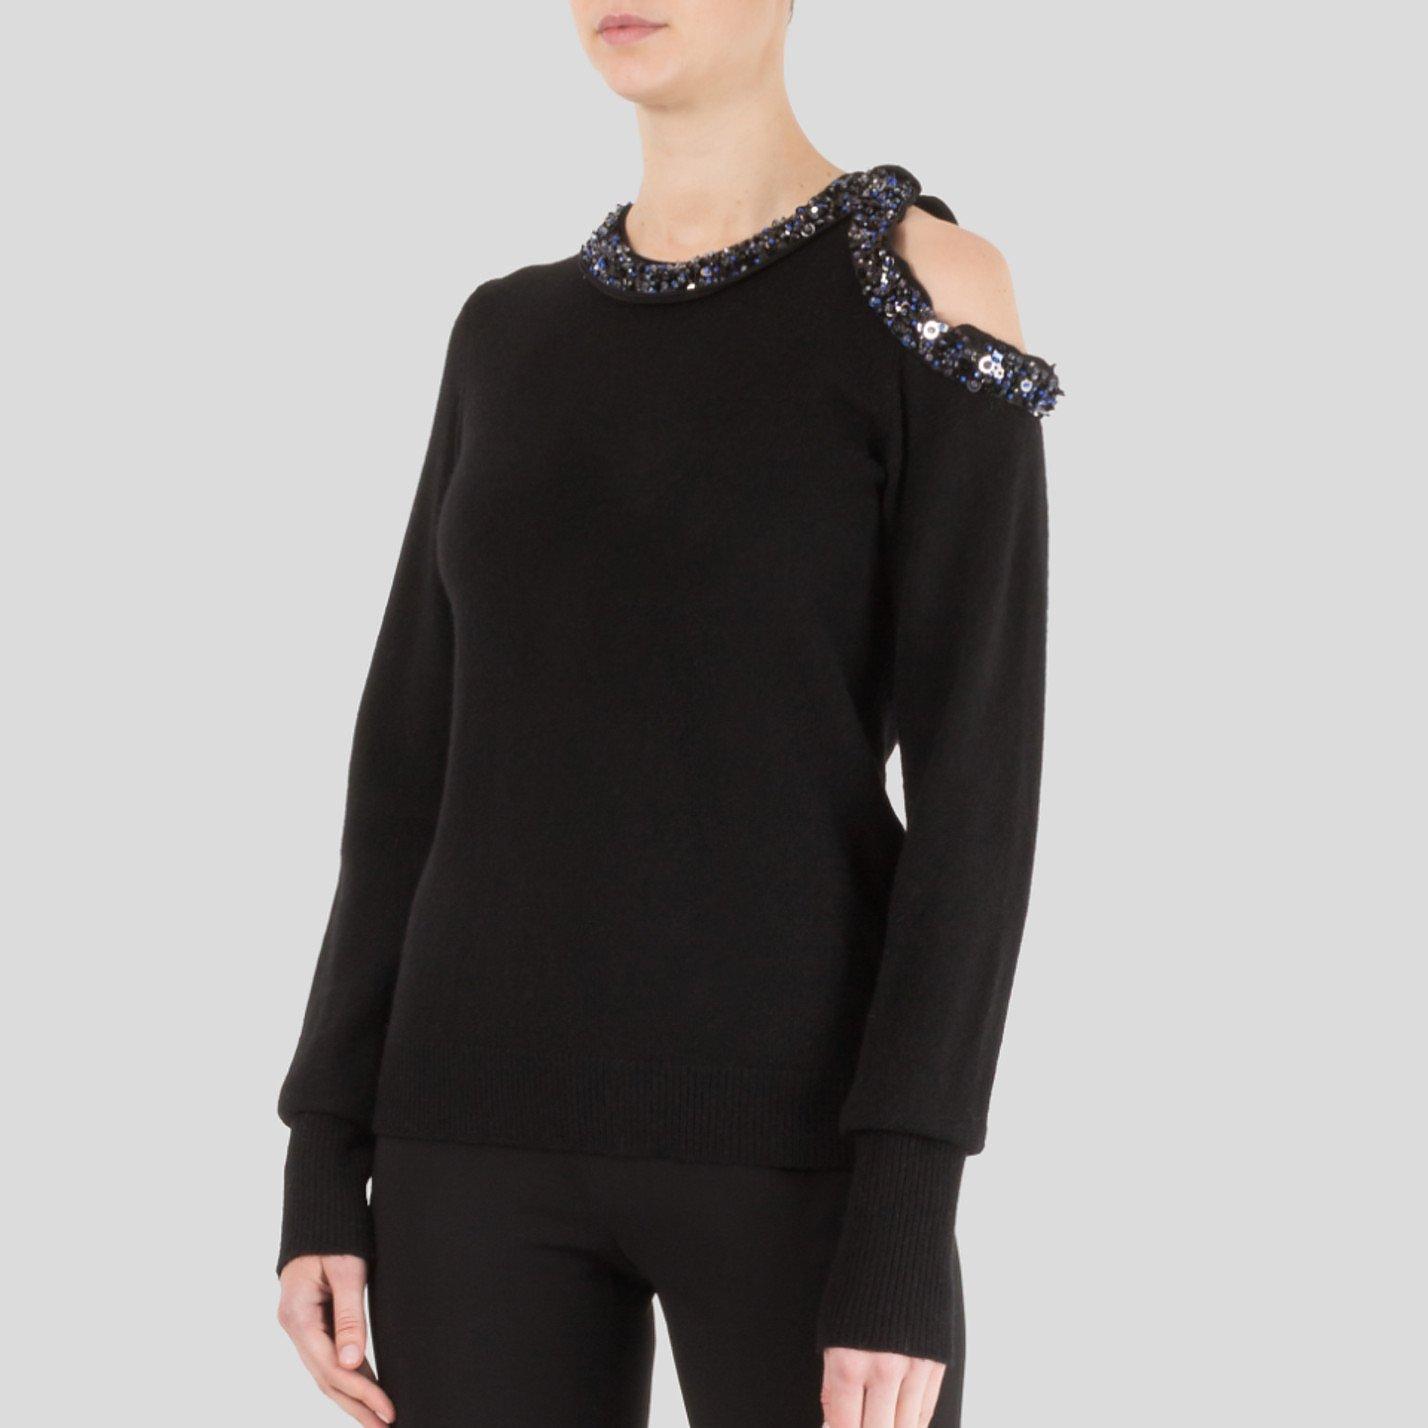 3.1 Phillip Lim Embellished Cold Shoulder Sweater